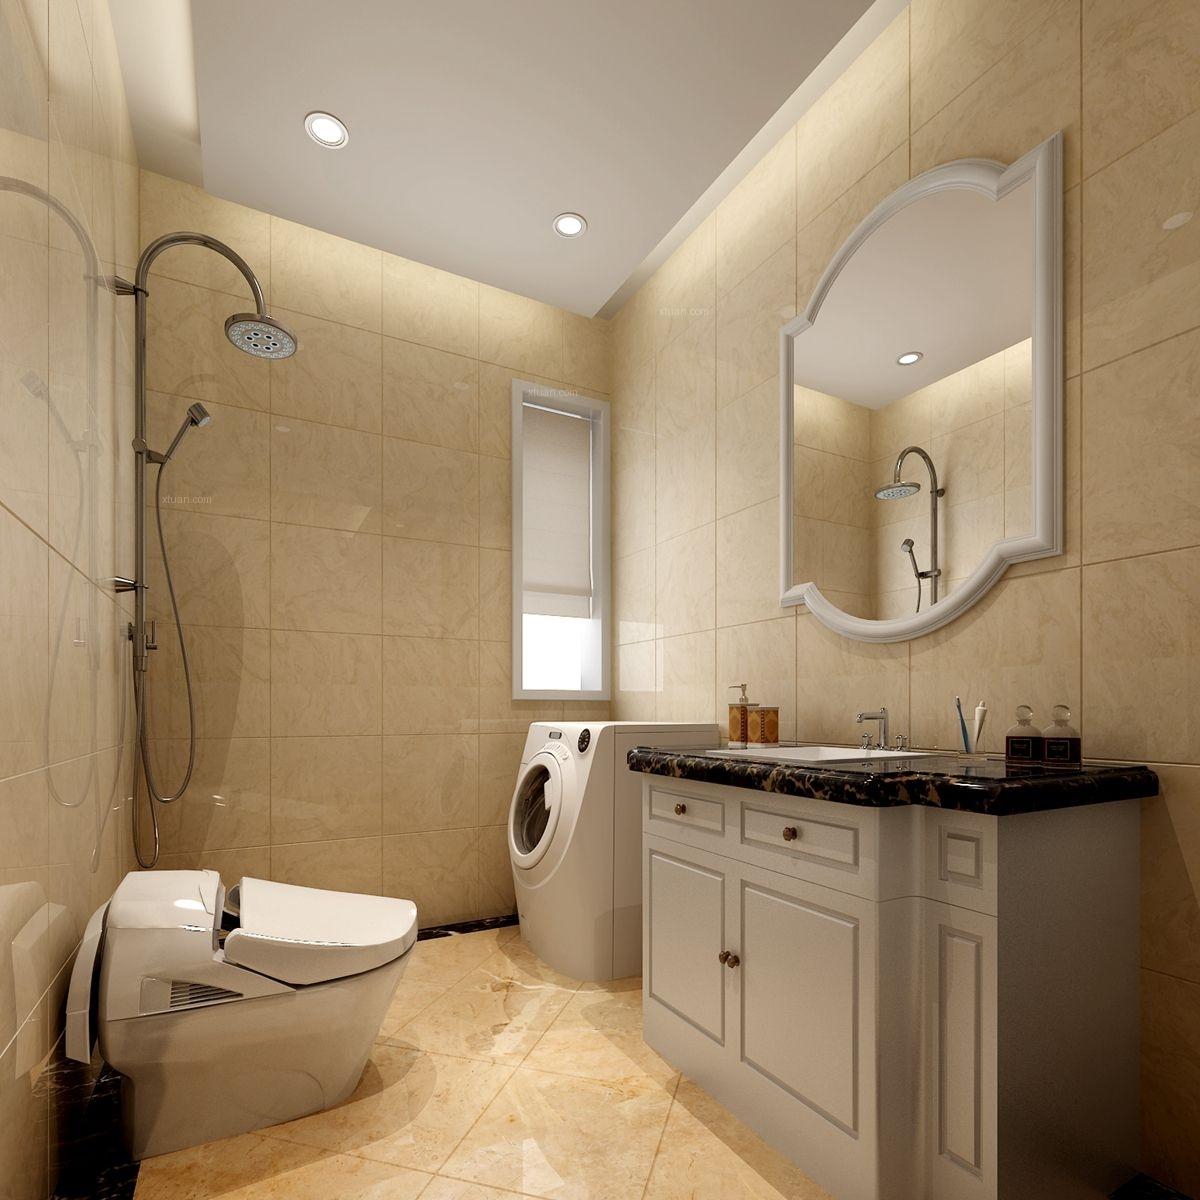 厕所 家居 设计 卫生间 卫生间装修 装修 1200_1200